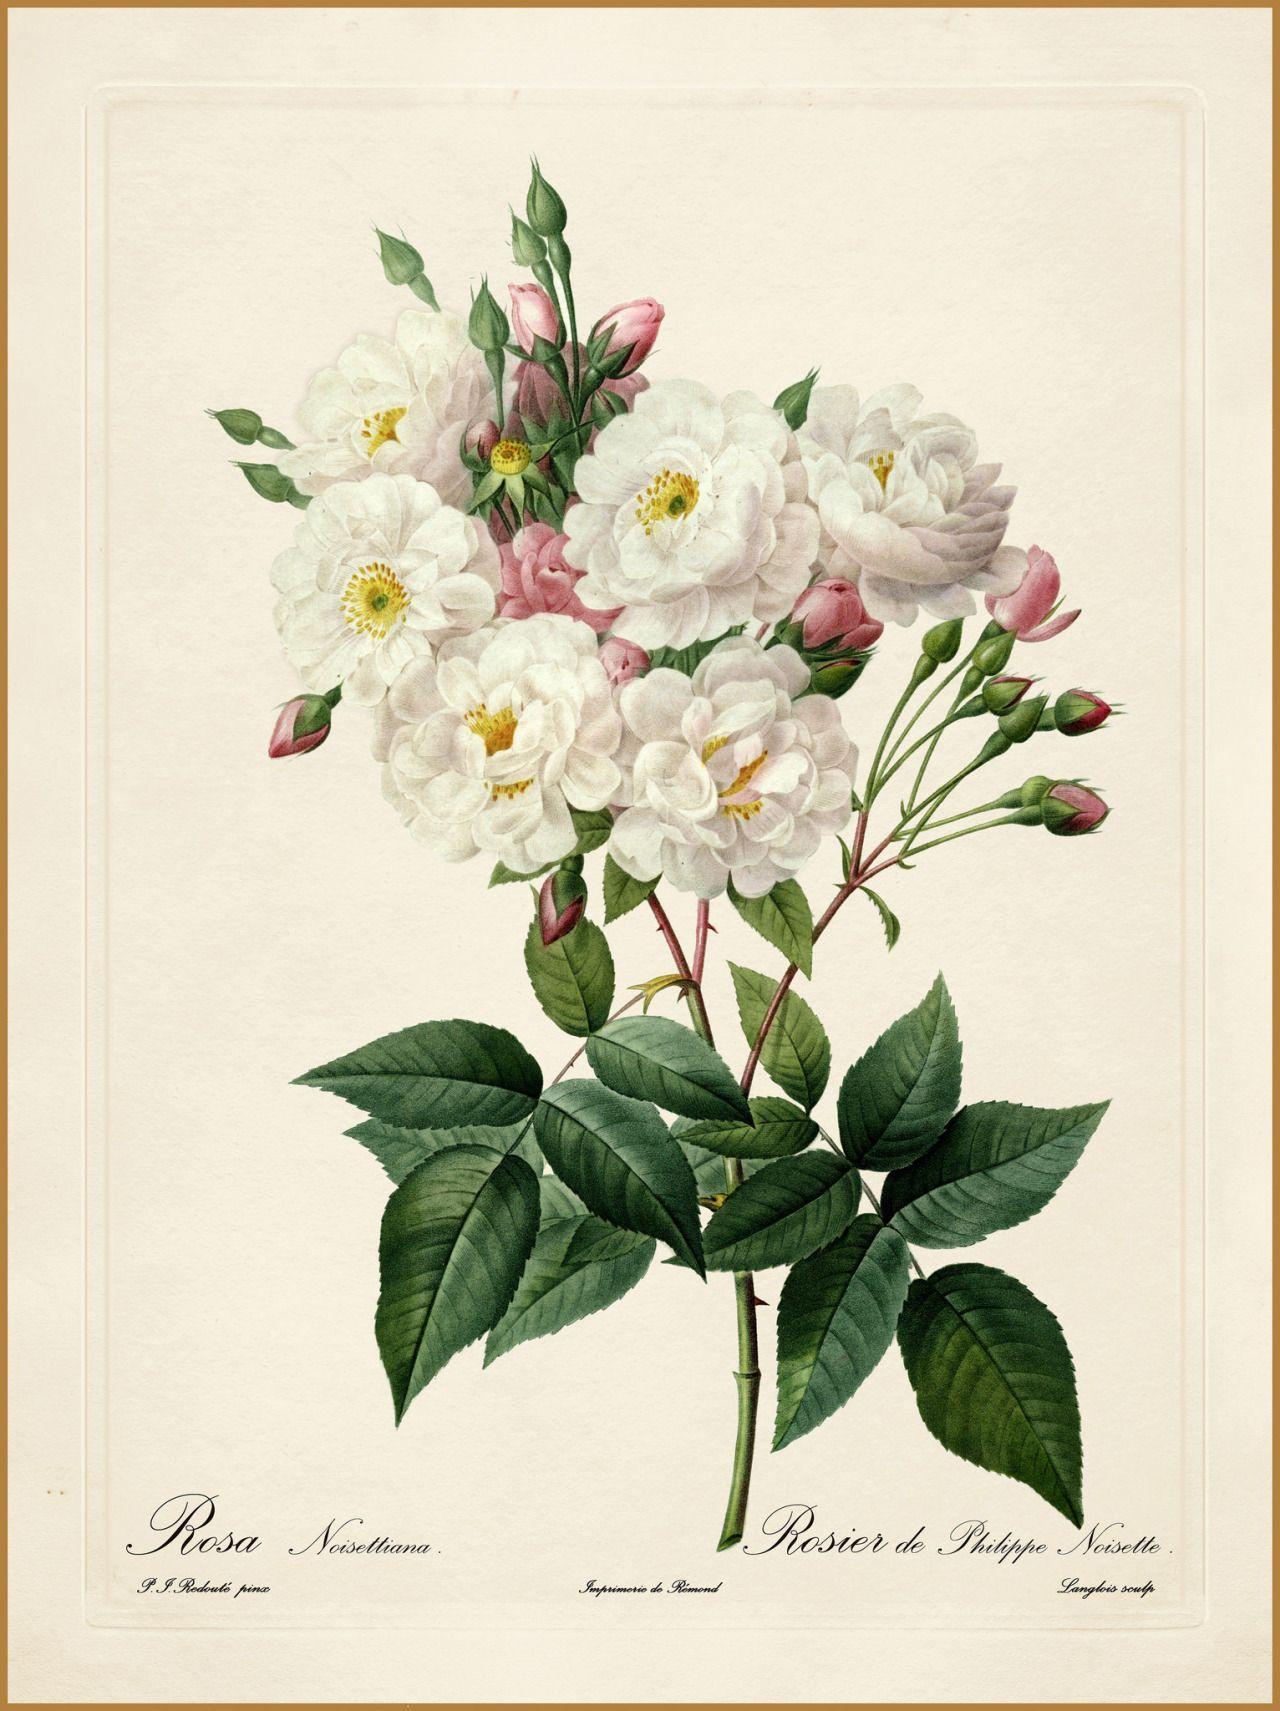 Pierre-Joseph Redouté - Les Roses - Rosa Noisettiana | posters ...